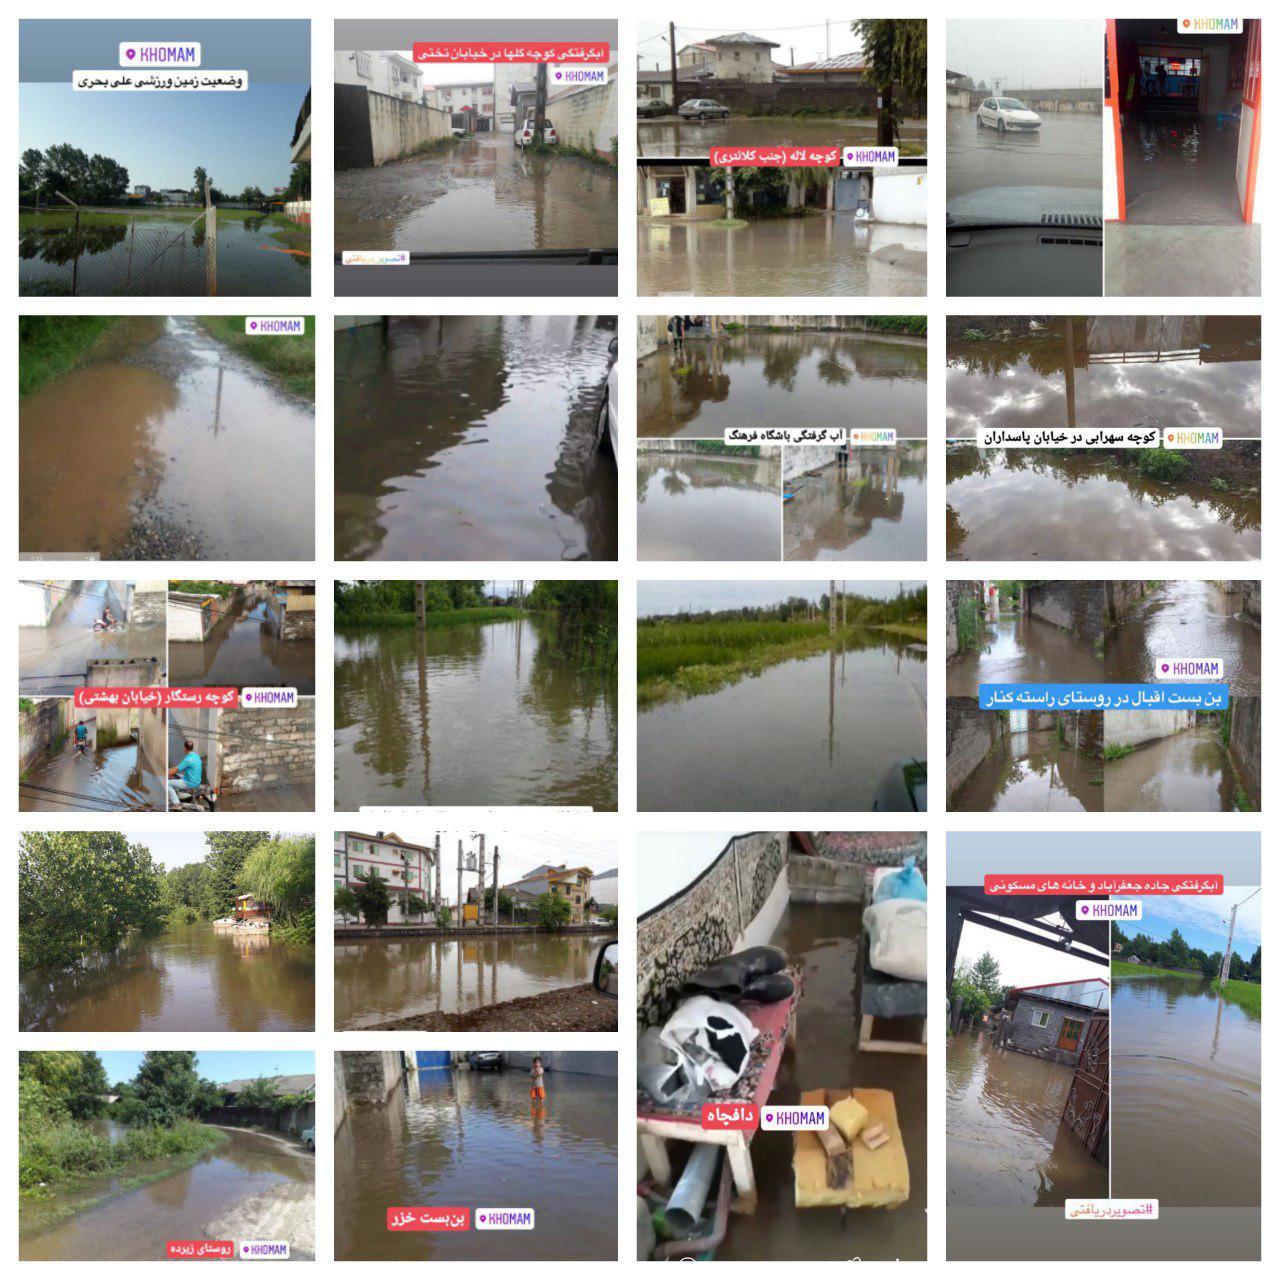 بارندگی و سناریوی پرتکرار آبگرفتگی